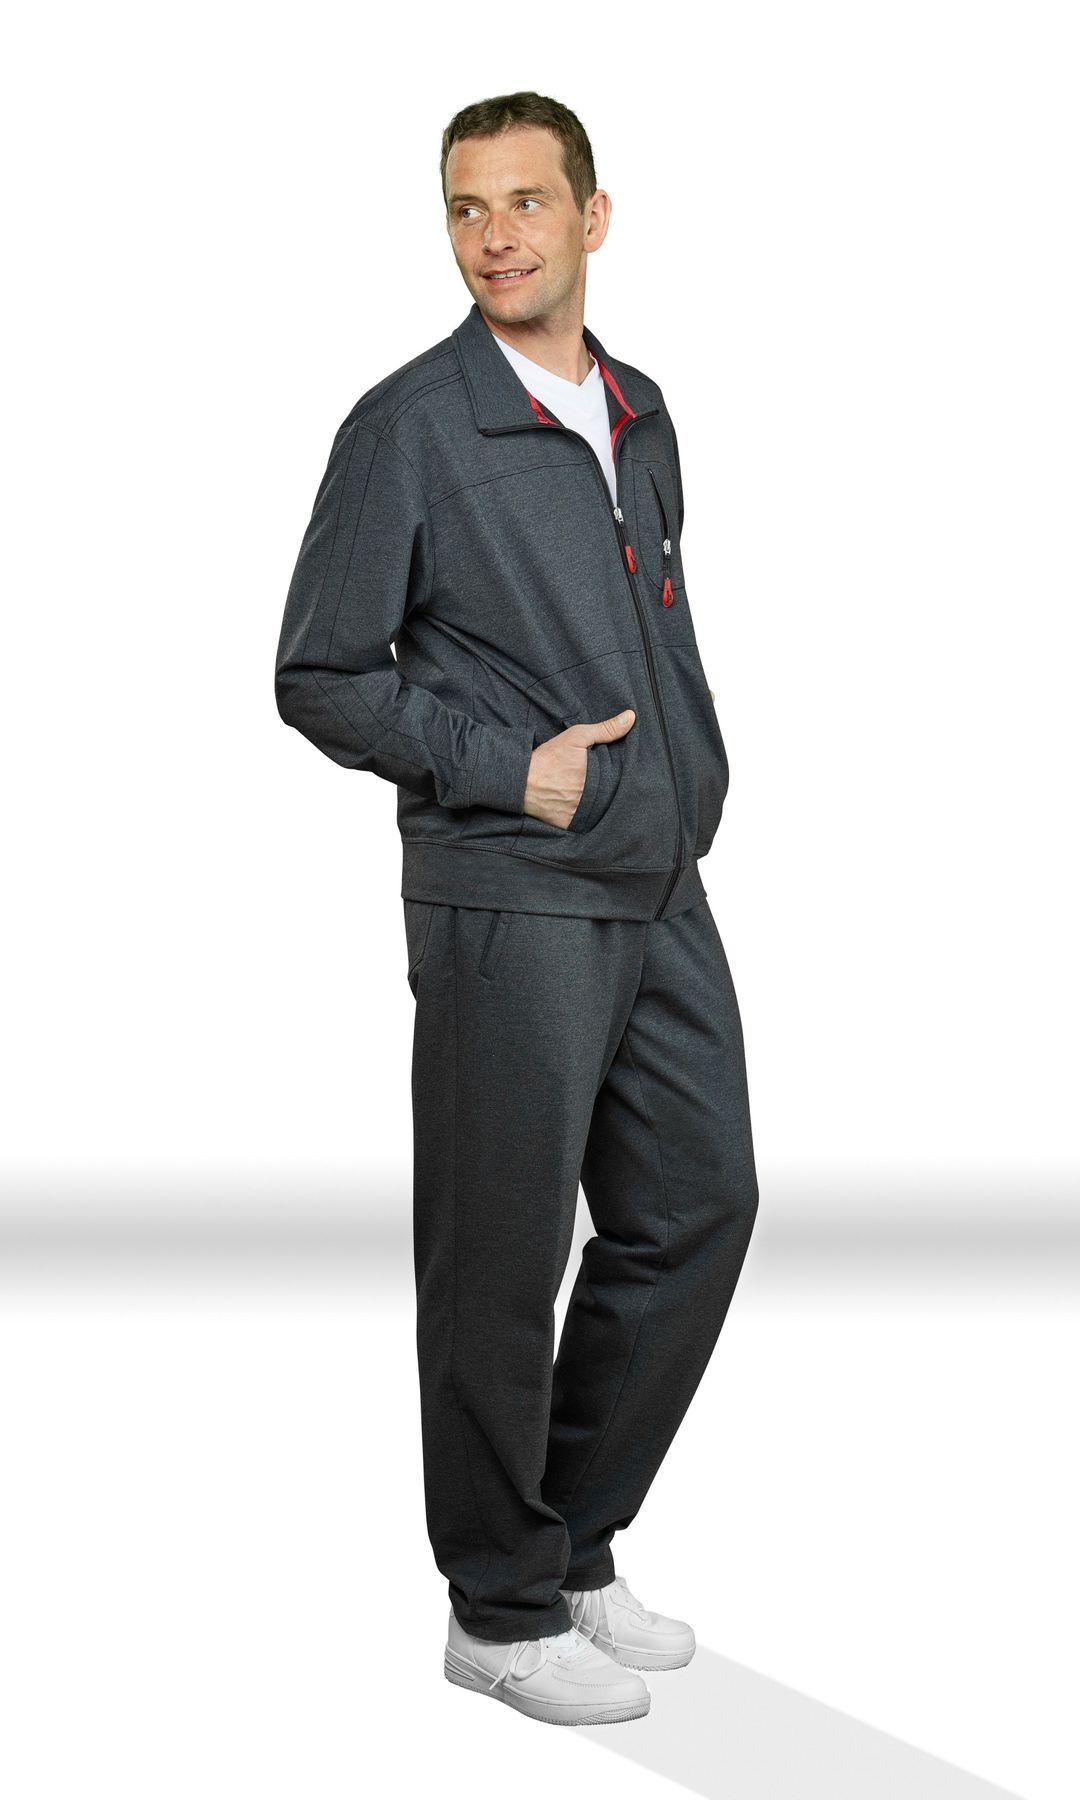 Authentic klein - Herren Sport und Freizeit Jacke aus Baumwollmix in verschiedenen Farben (53033) – Bild 19